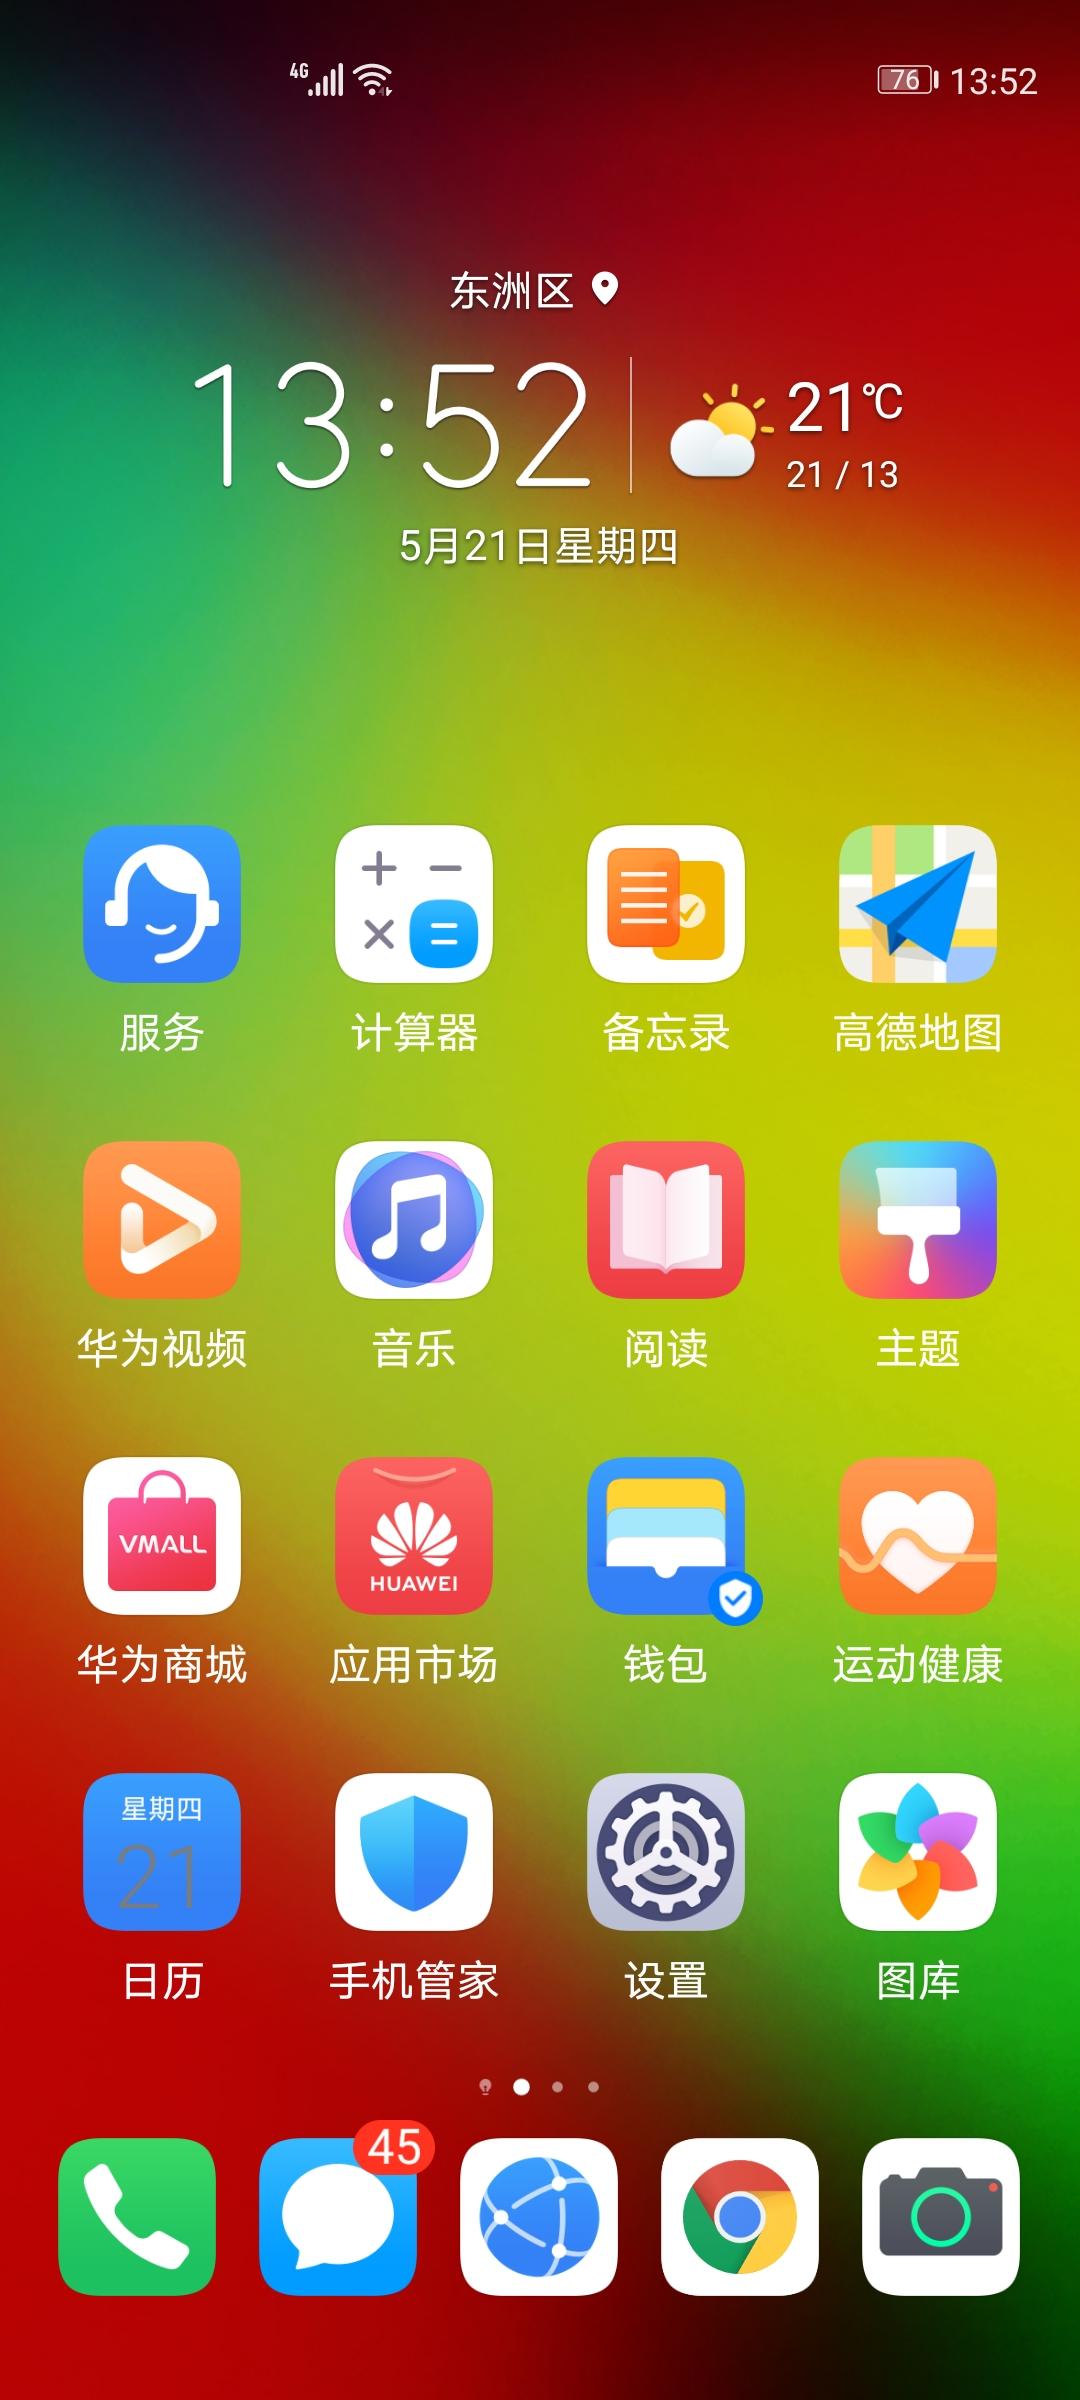 Screenshot_20200521_135202_com.huawei.android.launcher.jpg